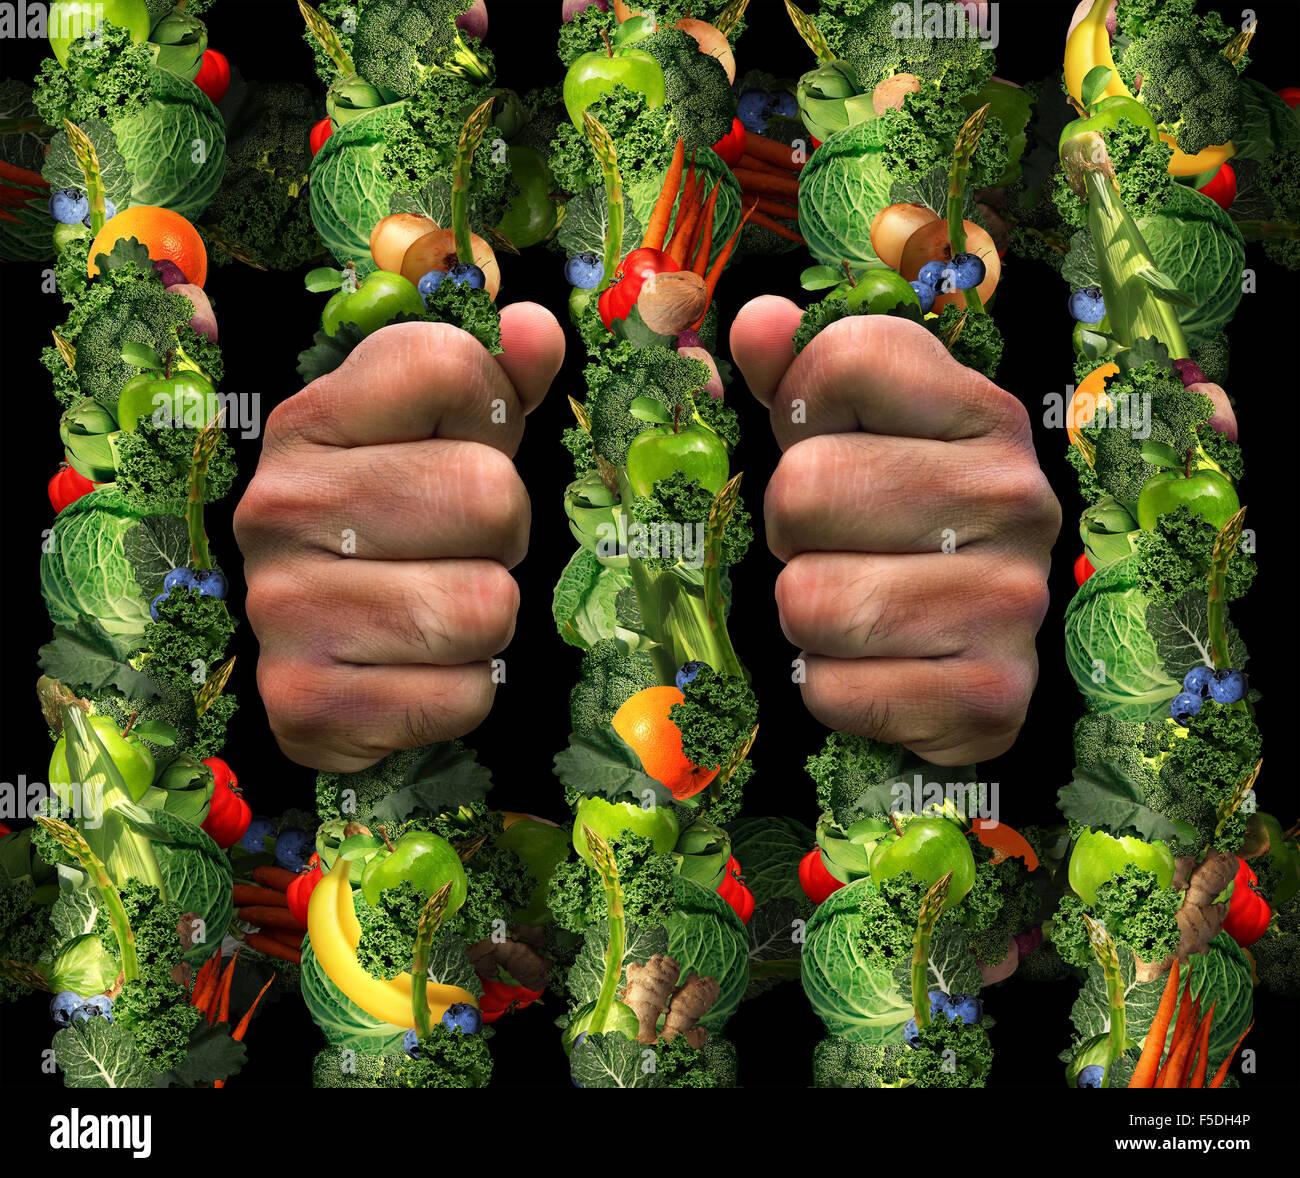 Mangiare sano ossessione concetto e addicted to health food simbolo o o Ortoressia nervosa come estremo di mangiare Immagini Stock